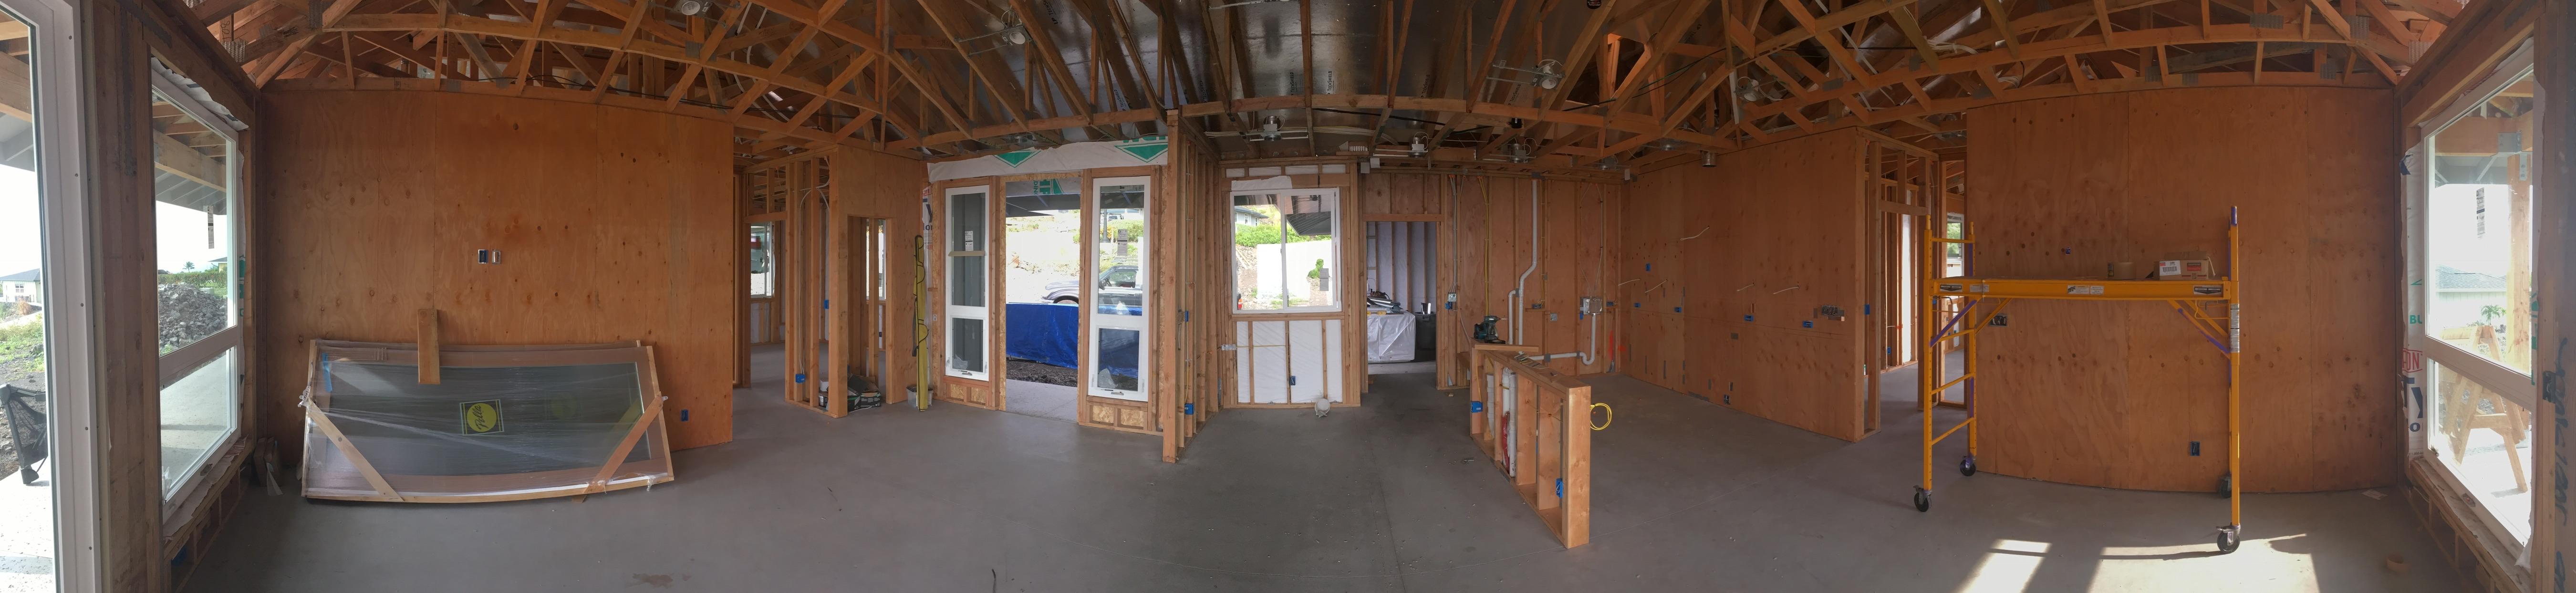 Interior of framed house.